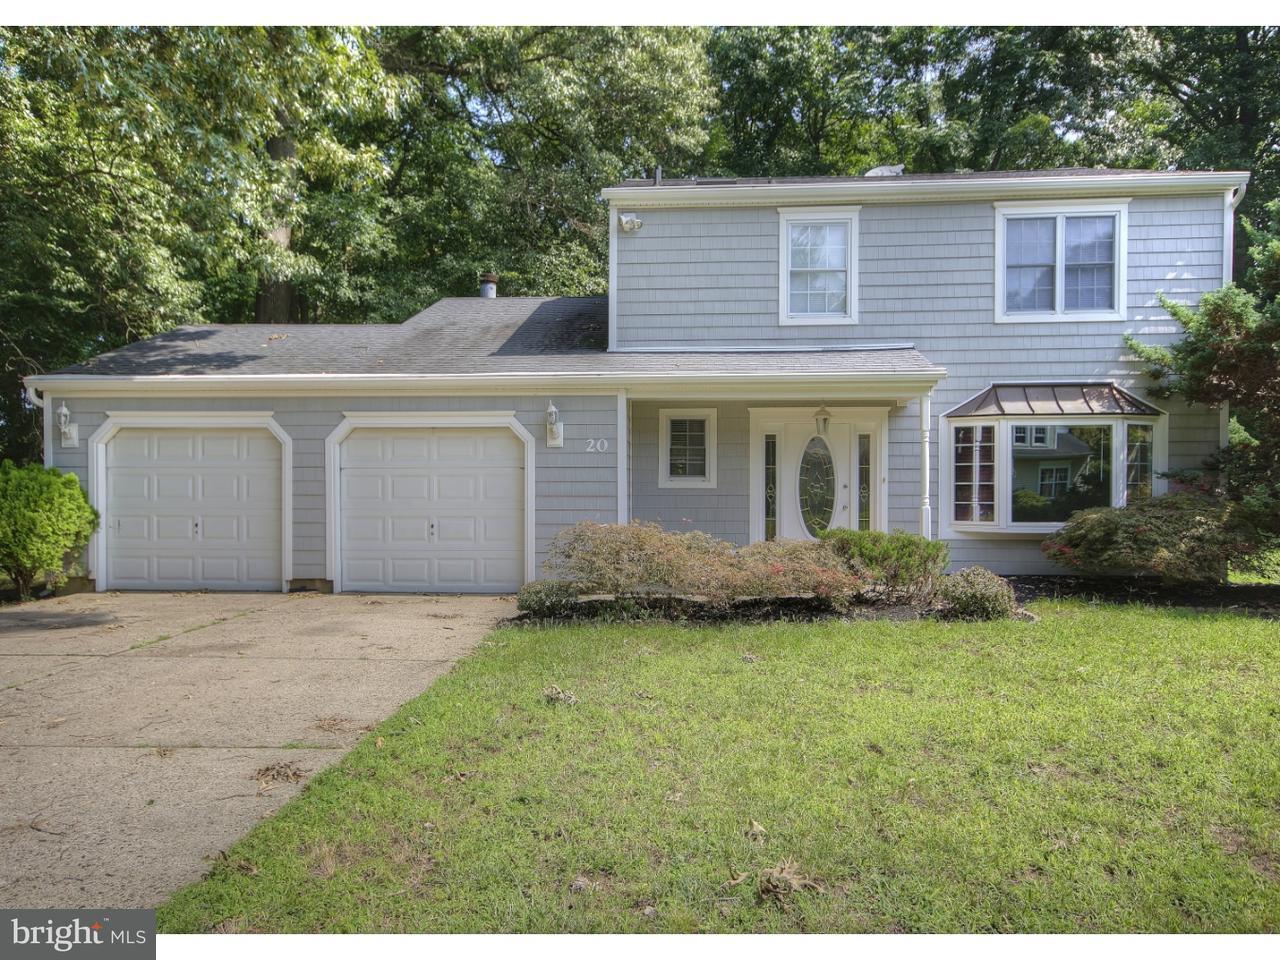 Maison unifamiliale pour l Vente à 20 TALL TIMBER Lane Florence, New Jersey 08016 États-Unis